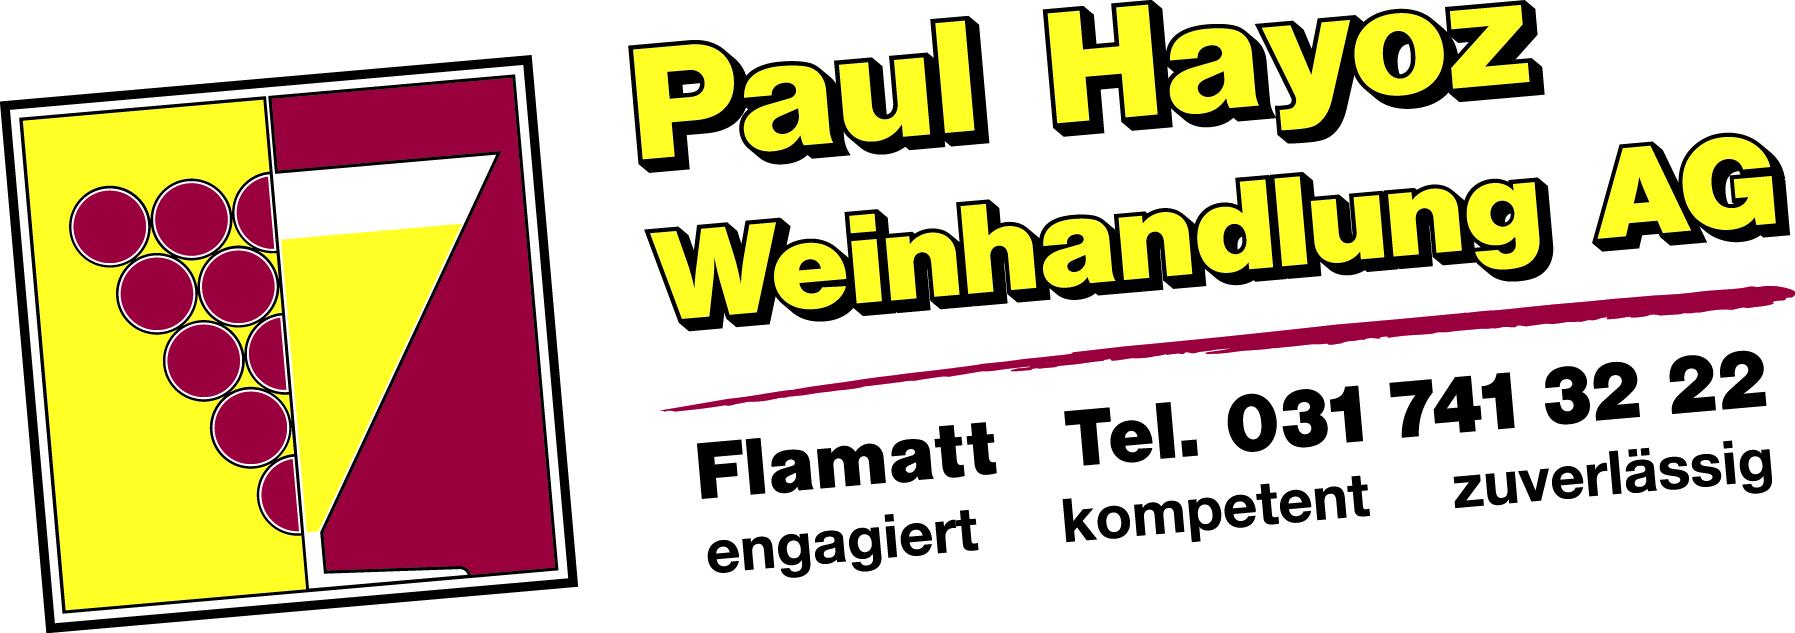 Entwurf Logo Hayoz GM + WH farbig-2 def.